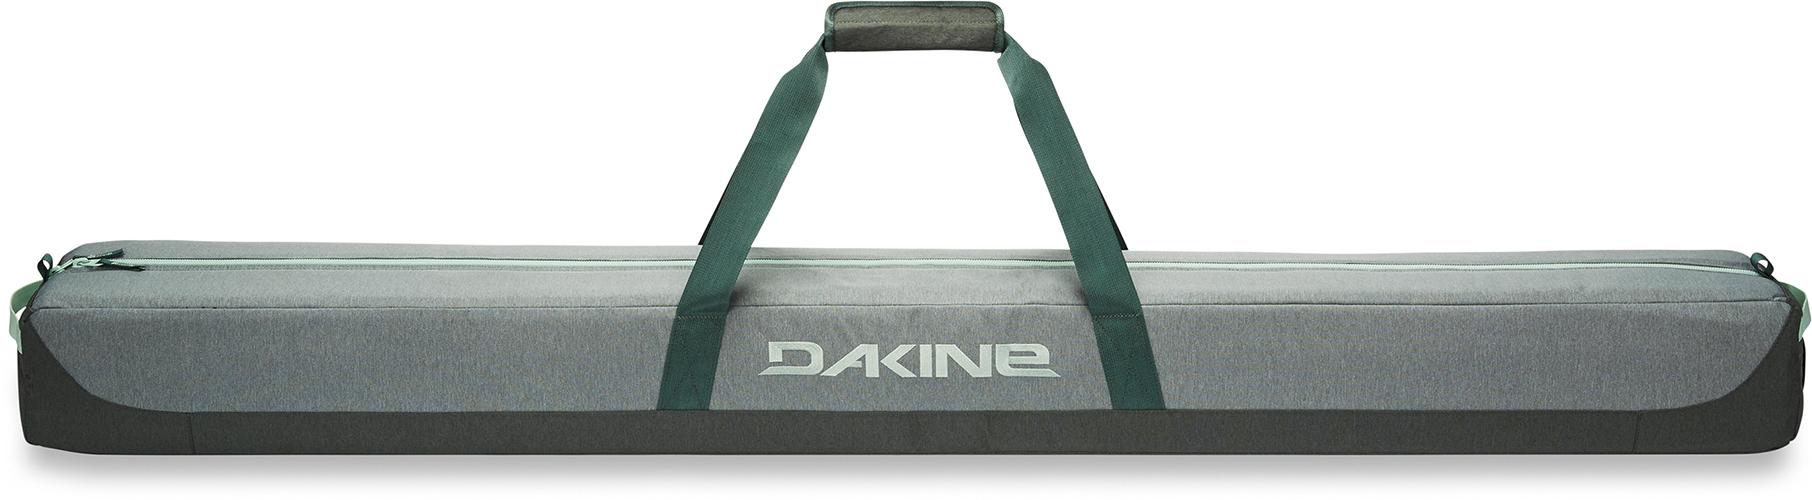 Dakine Padded Single Чехол для горных лыж Dakine PADDED SKI SLEEVE 175 BRIGHTON PADDEDSKISLEEVE-BRIGHTON-610934247299_10001464_BRIGHTON-91M_MAIN.jpg